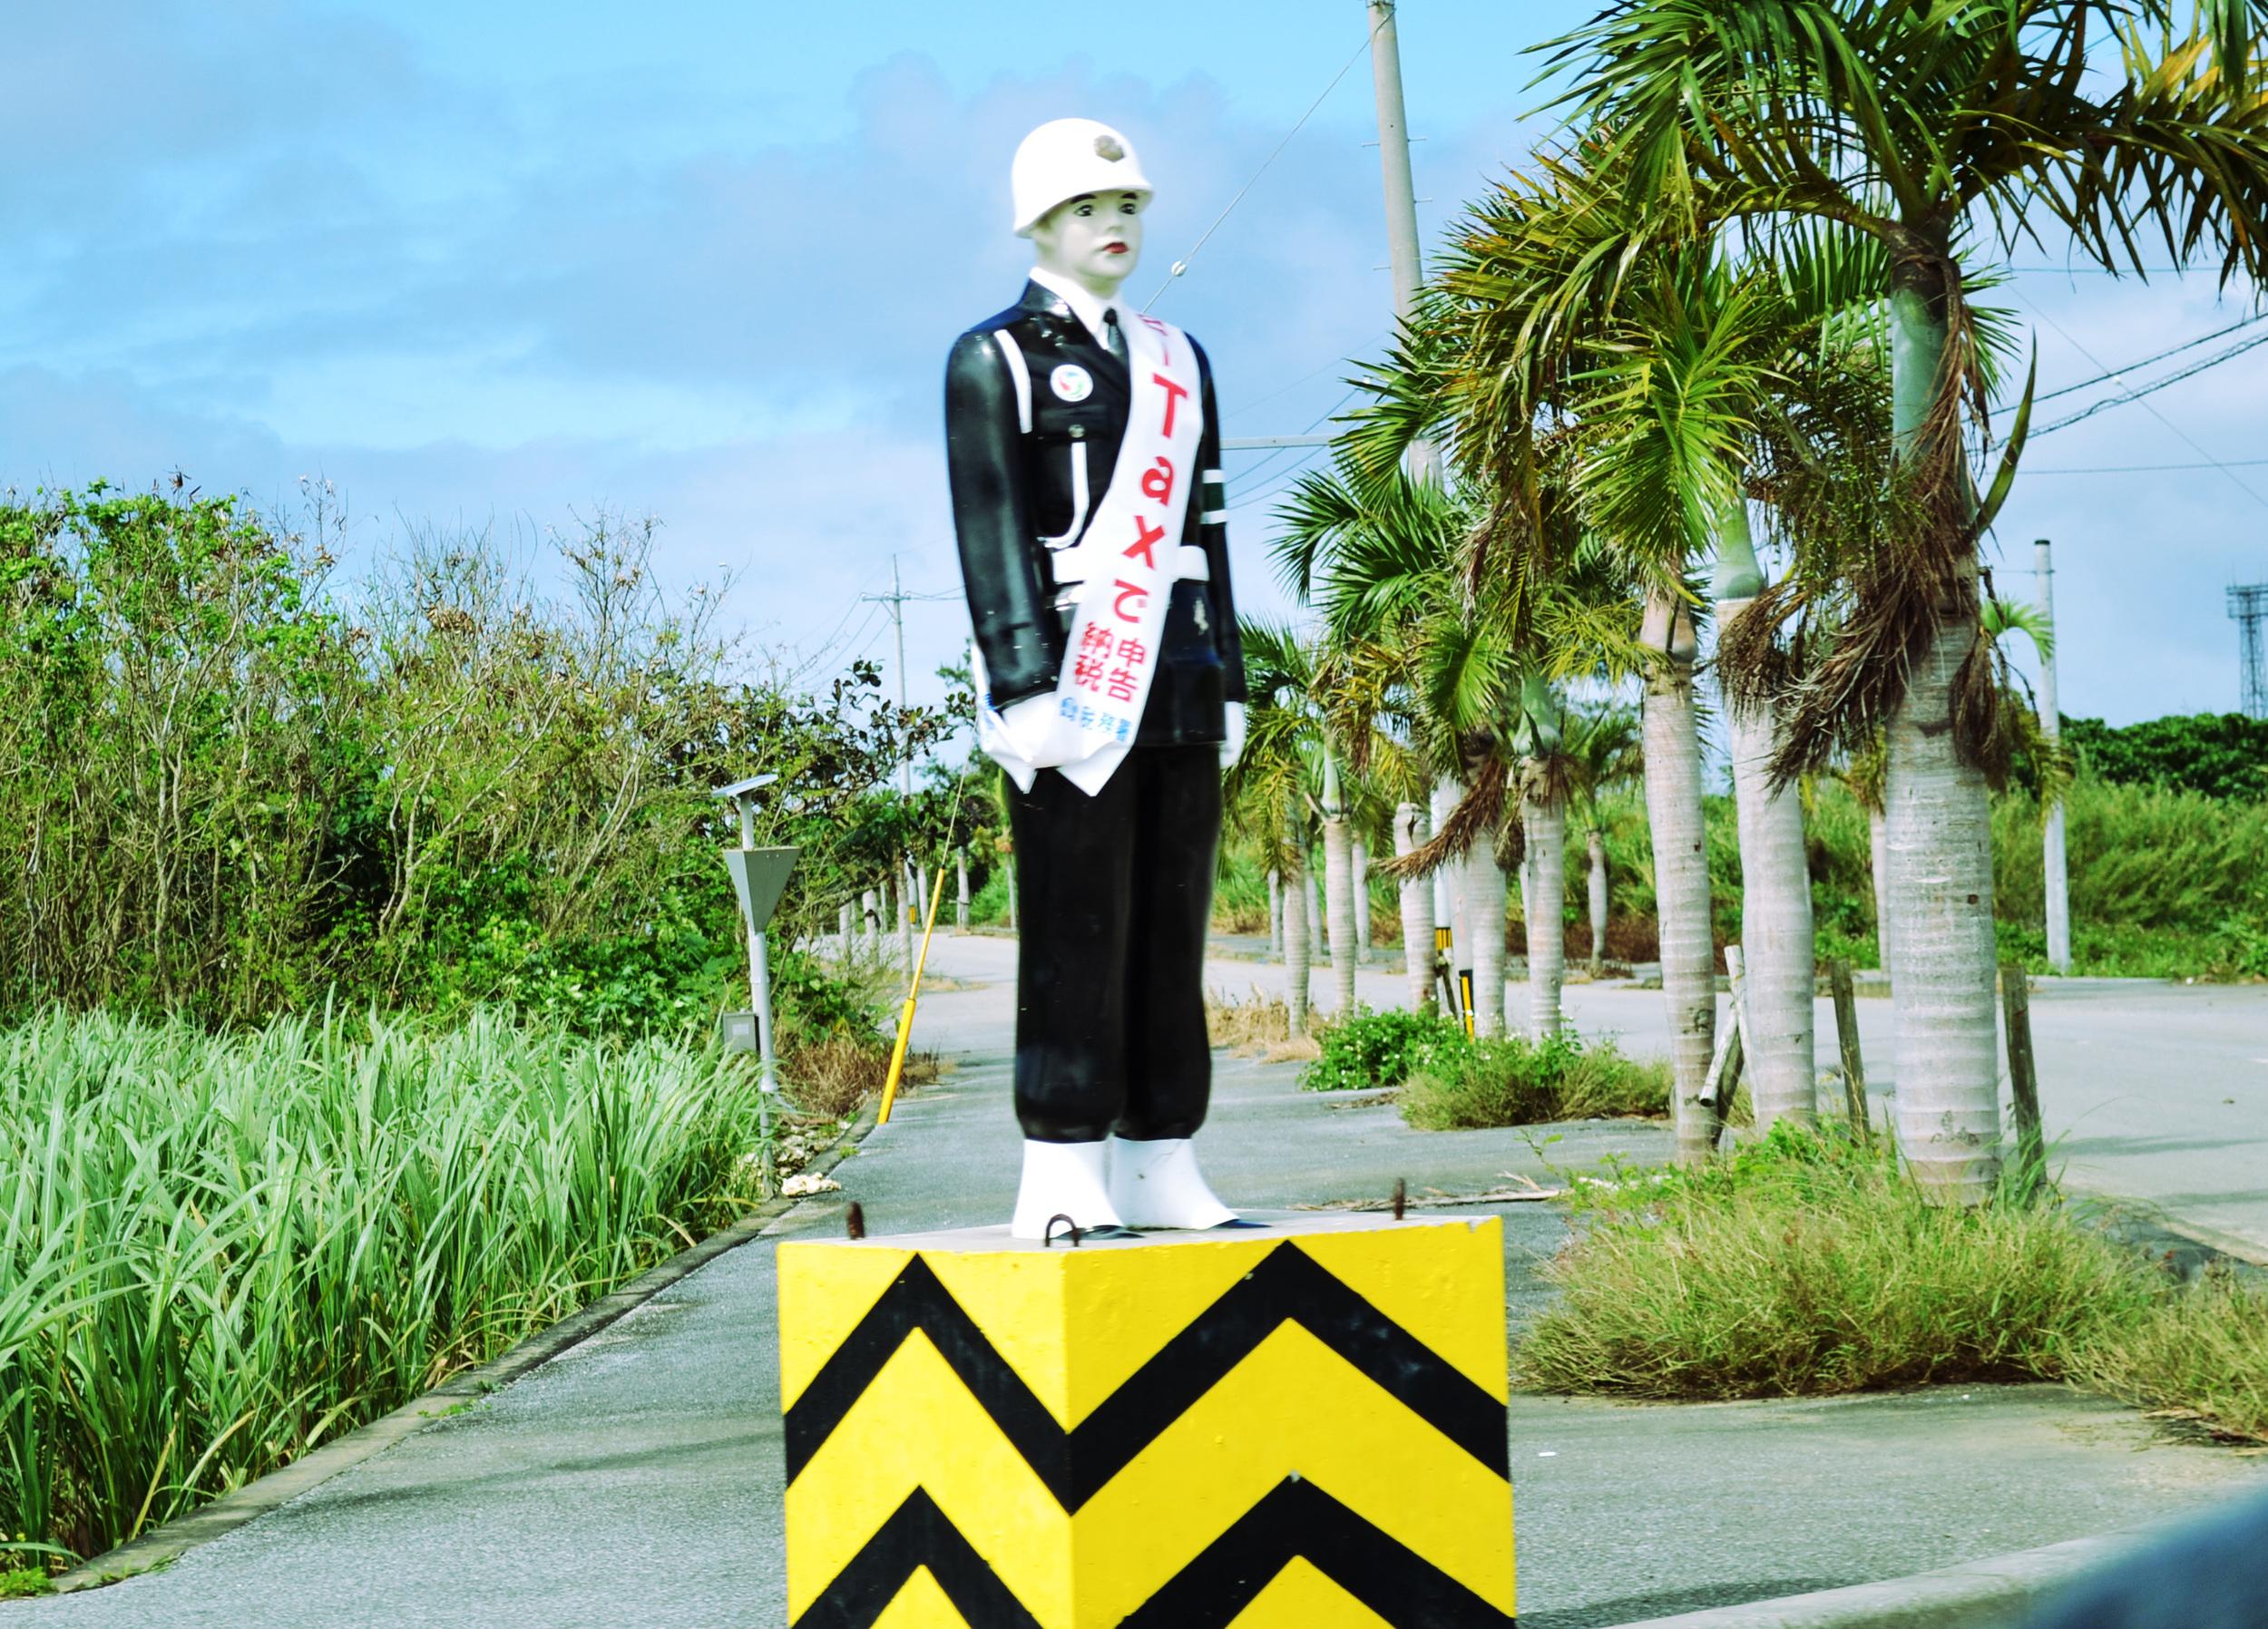 Los 'Mamoru Kun' son los protectores de la isla y hasta cuando fui eran 11 en total.